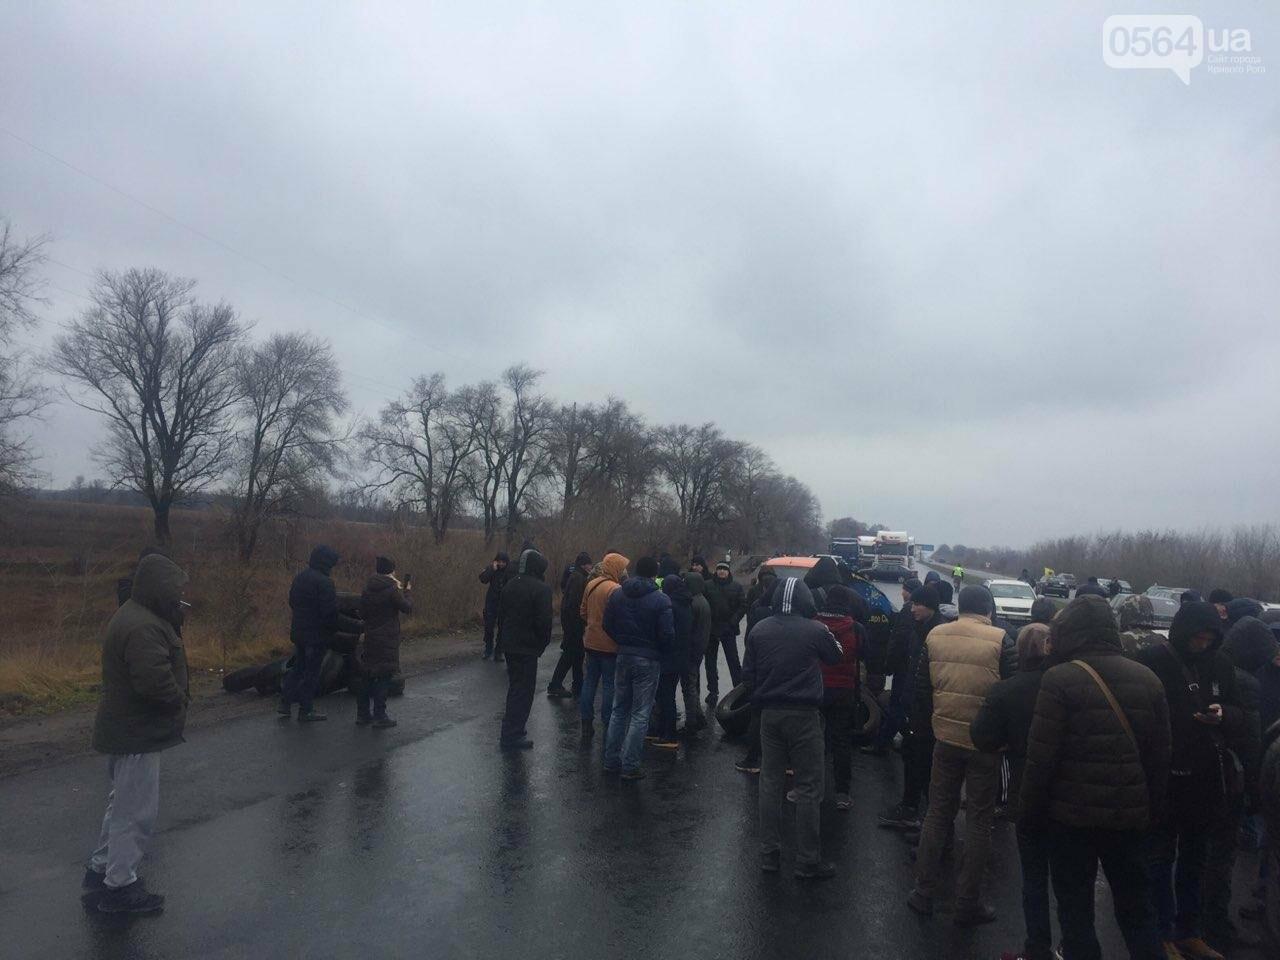 """Криворожские владельцы """"евроблях"""" перекрыли дорогу в Днепр, но оставили пока одну полосу движения, - ФОТО , фото-7"""